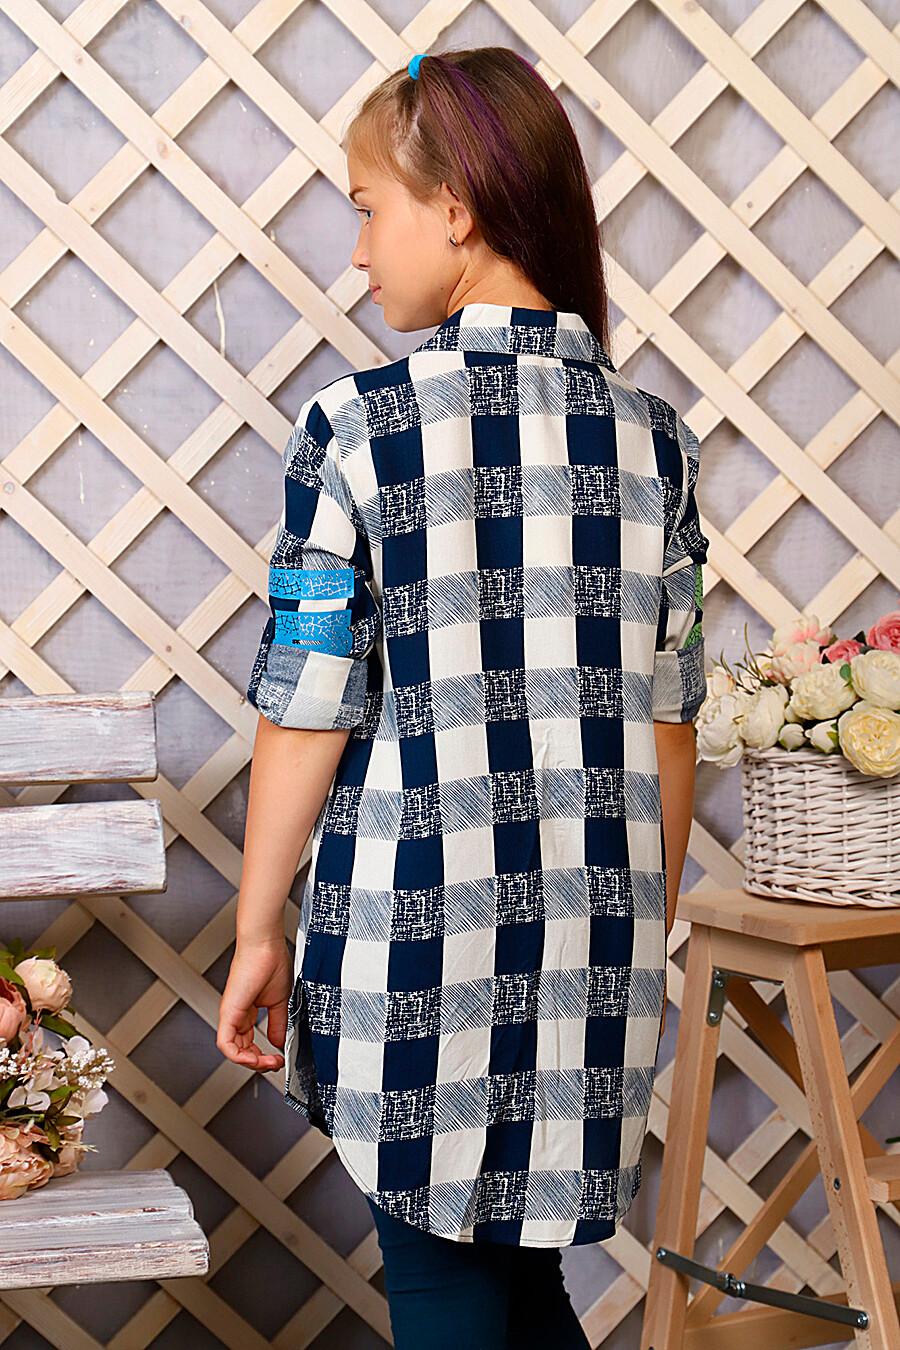 Туника-рубашка для девочек SOFIYA37 667931 купить оптом от производителя. Совместная покупка детской одежды в OptMoyo